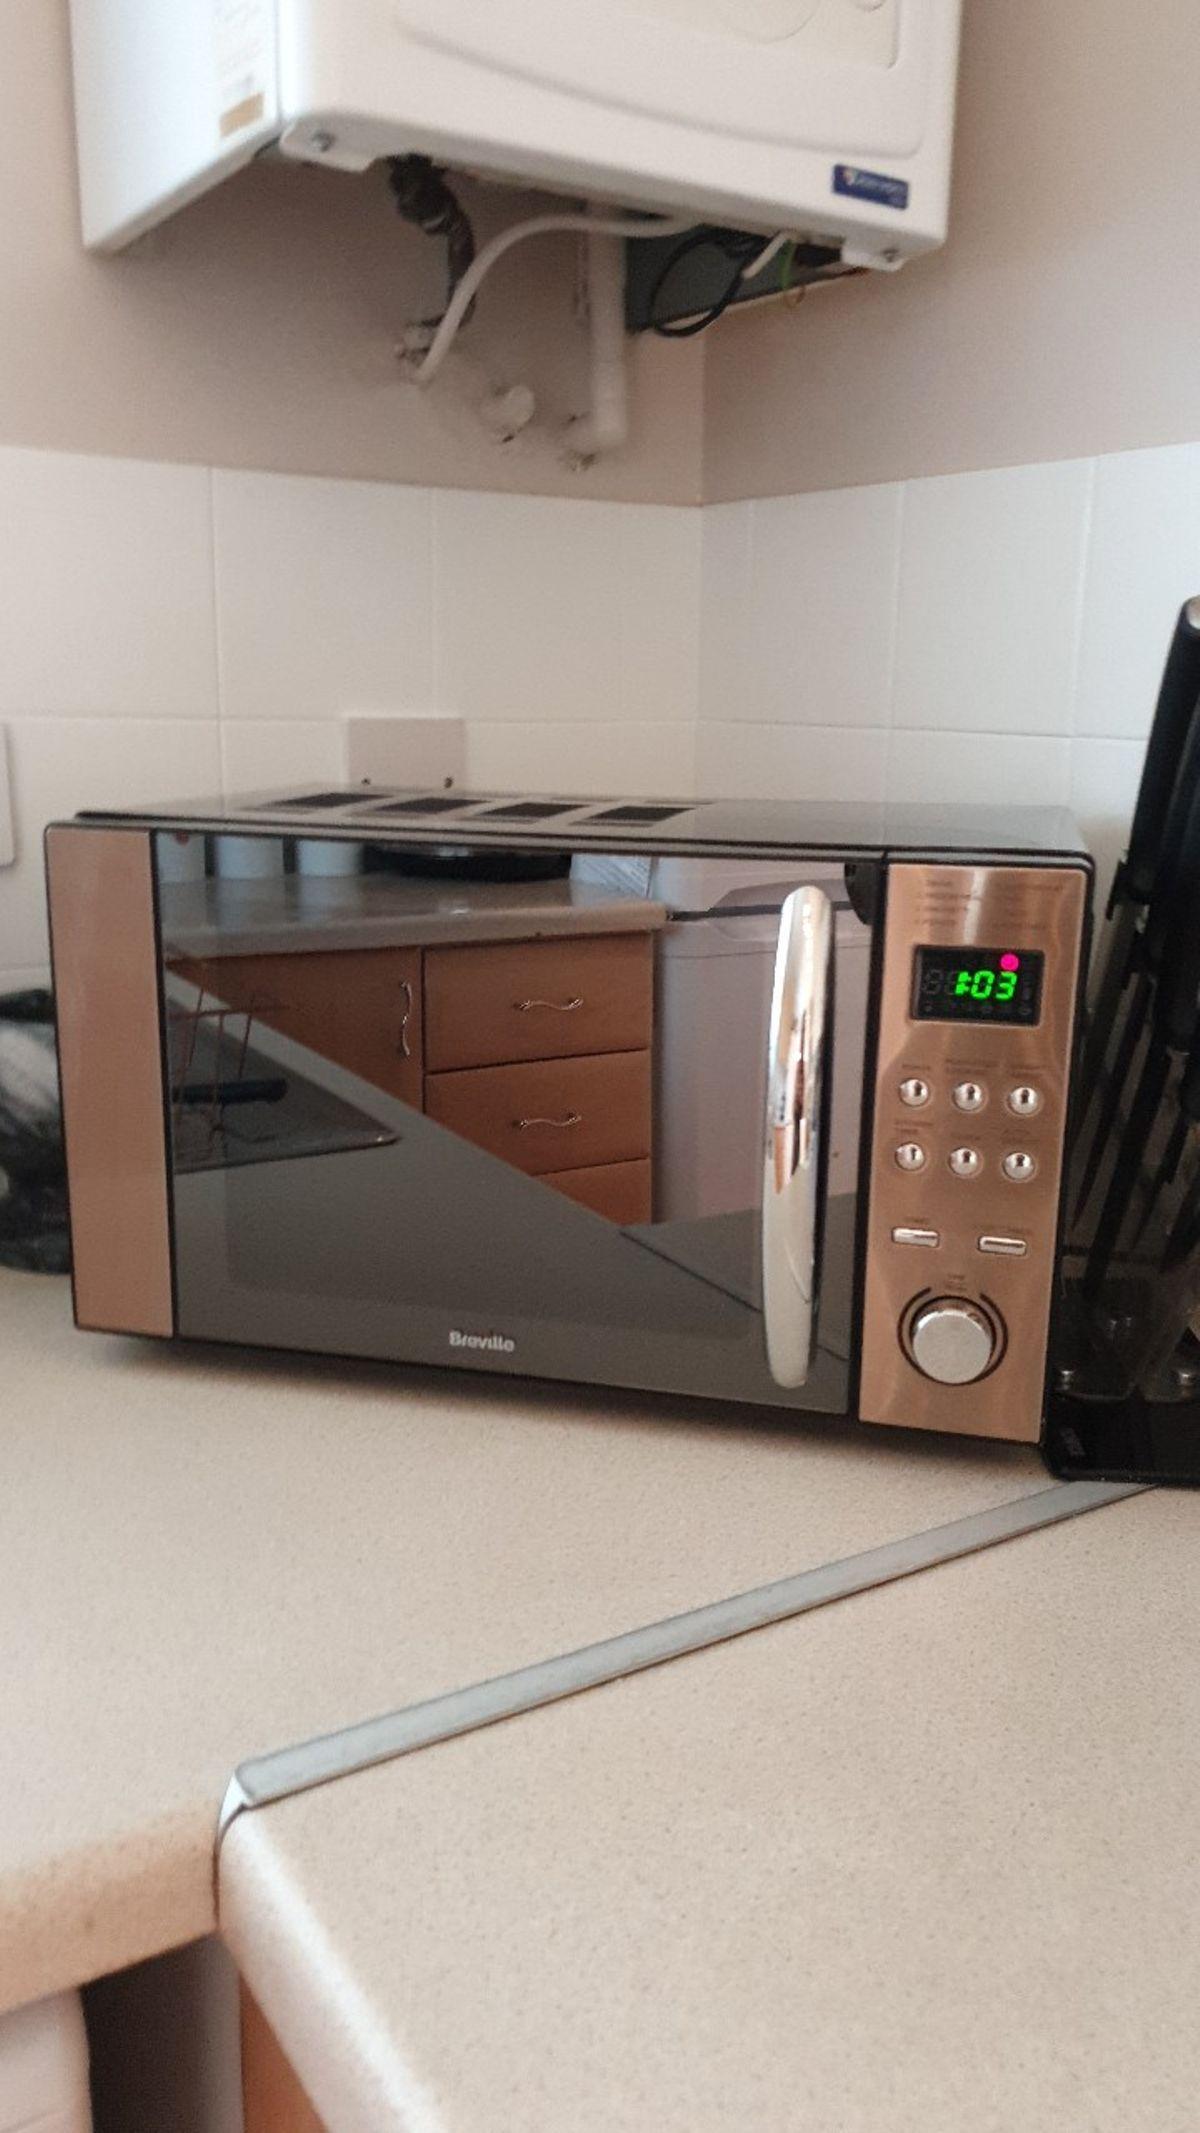 breville microwave rose gold online